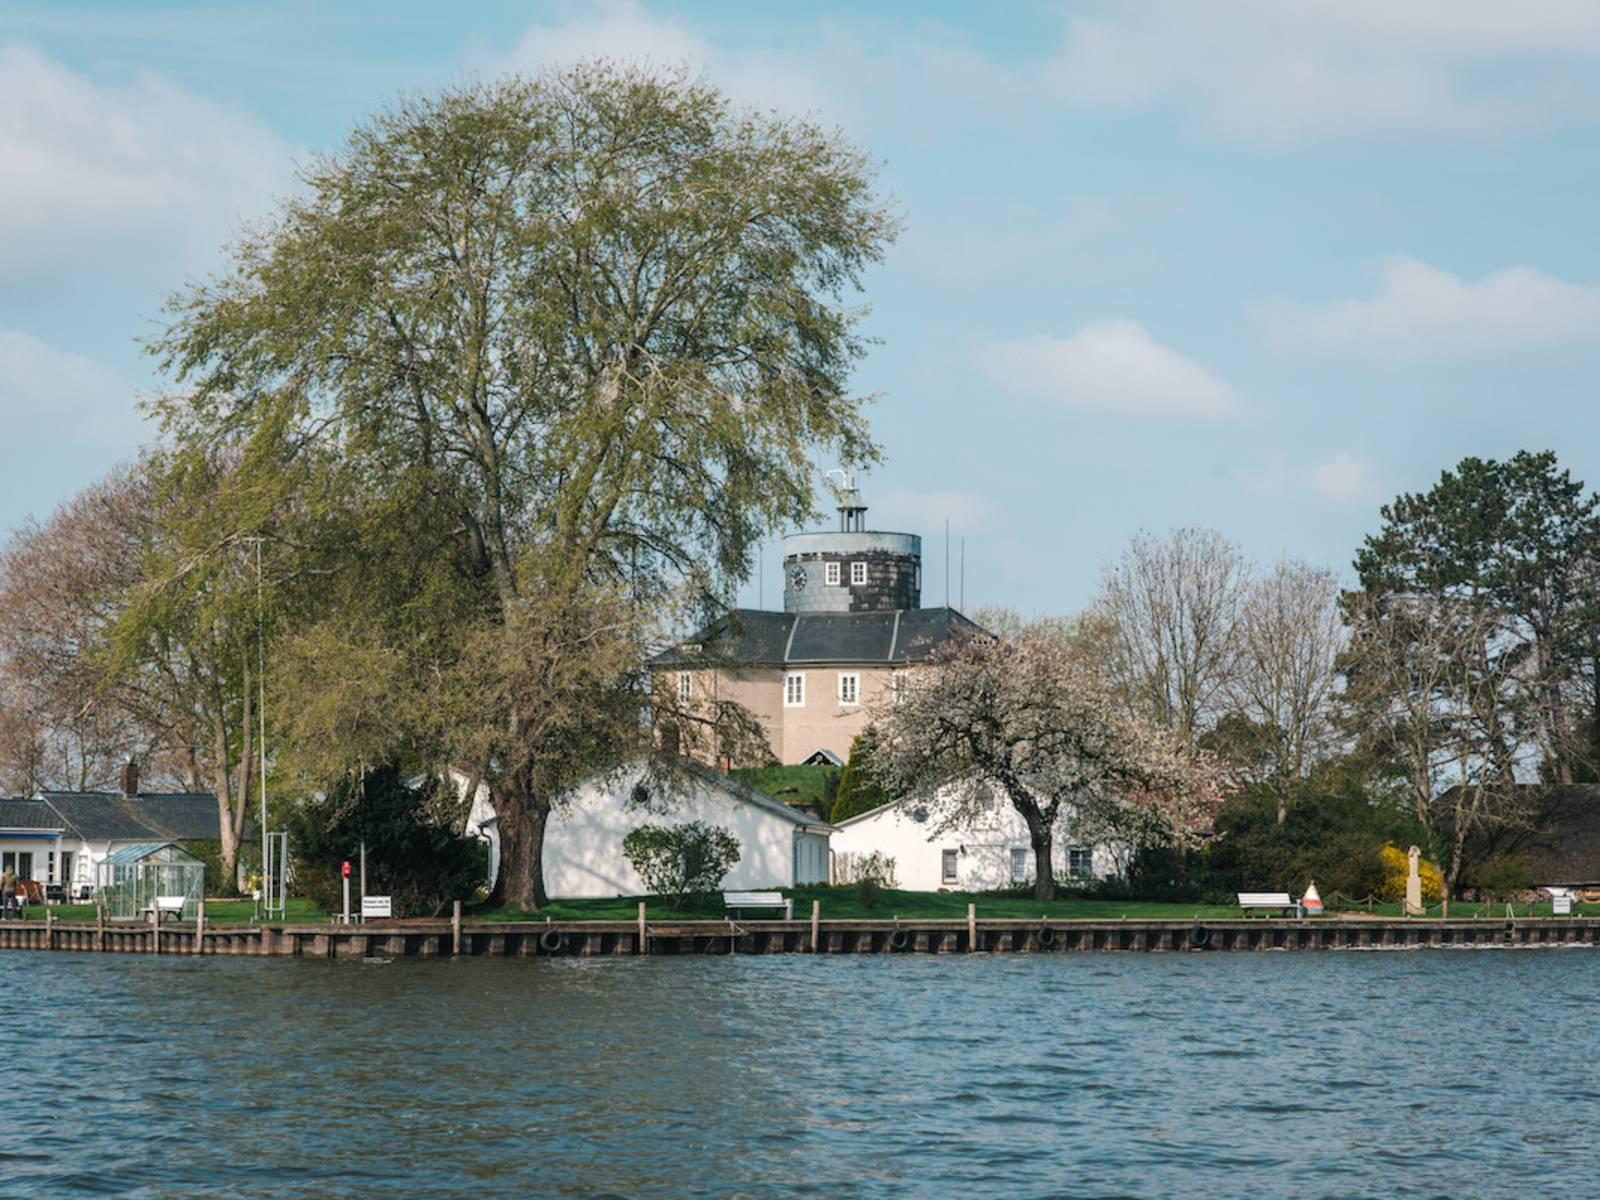 Insel Wilhelmstein: Ein Ort für Kultur, zum Heiraten, Übernachten oder Picknicken